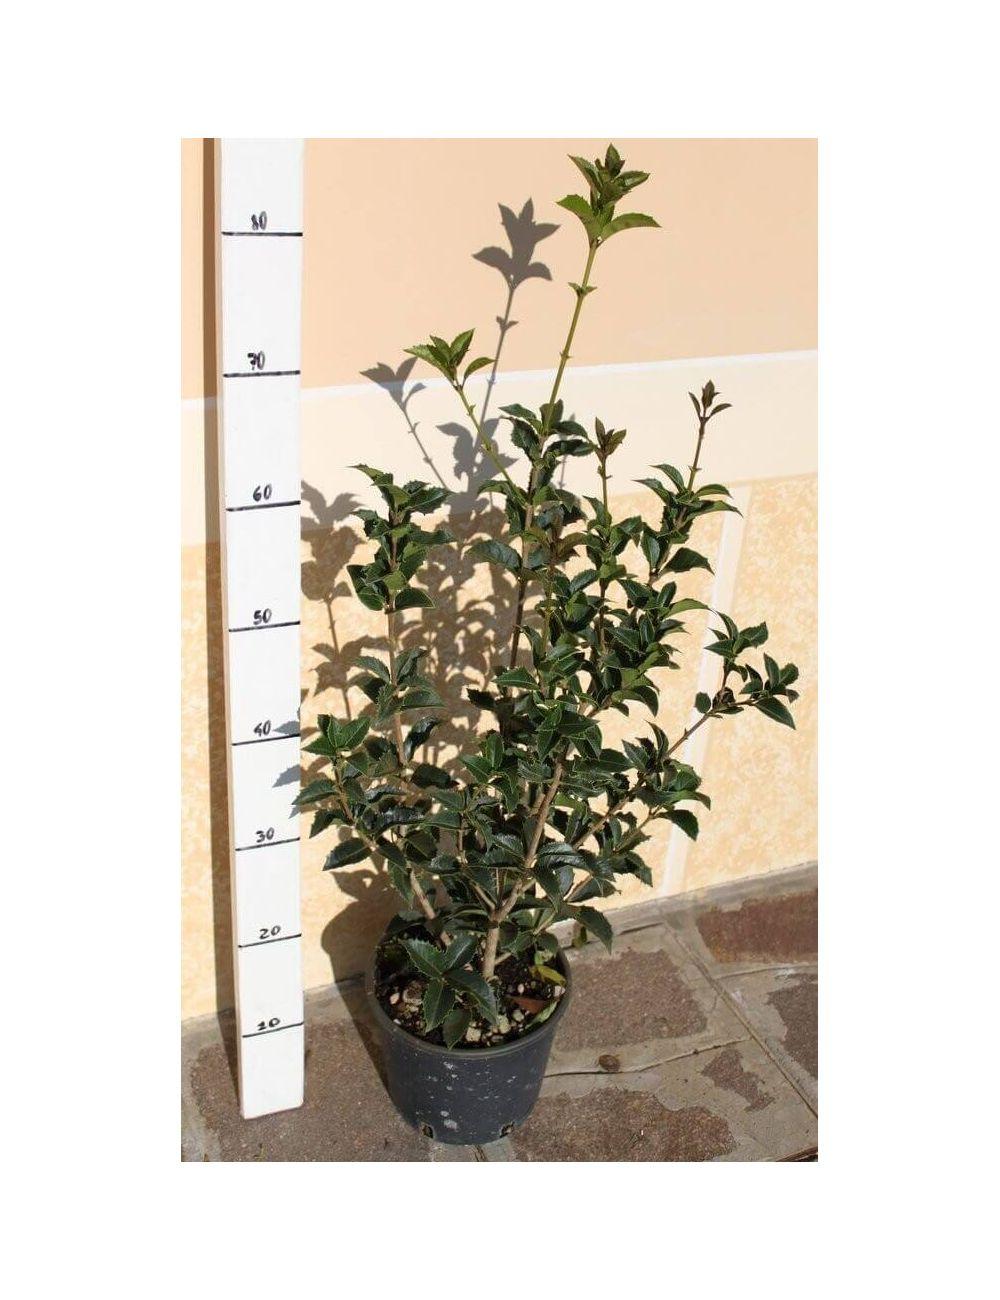 Osmanthus aquifolium vendita piante on line for Vendita piante mirtillo on line